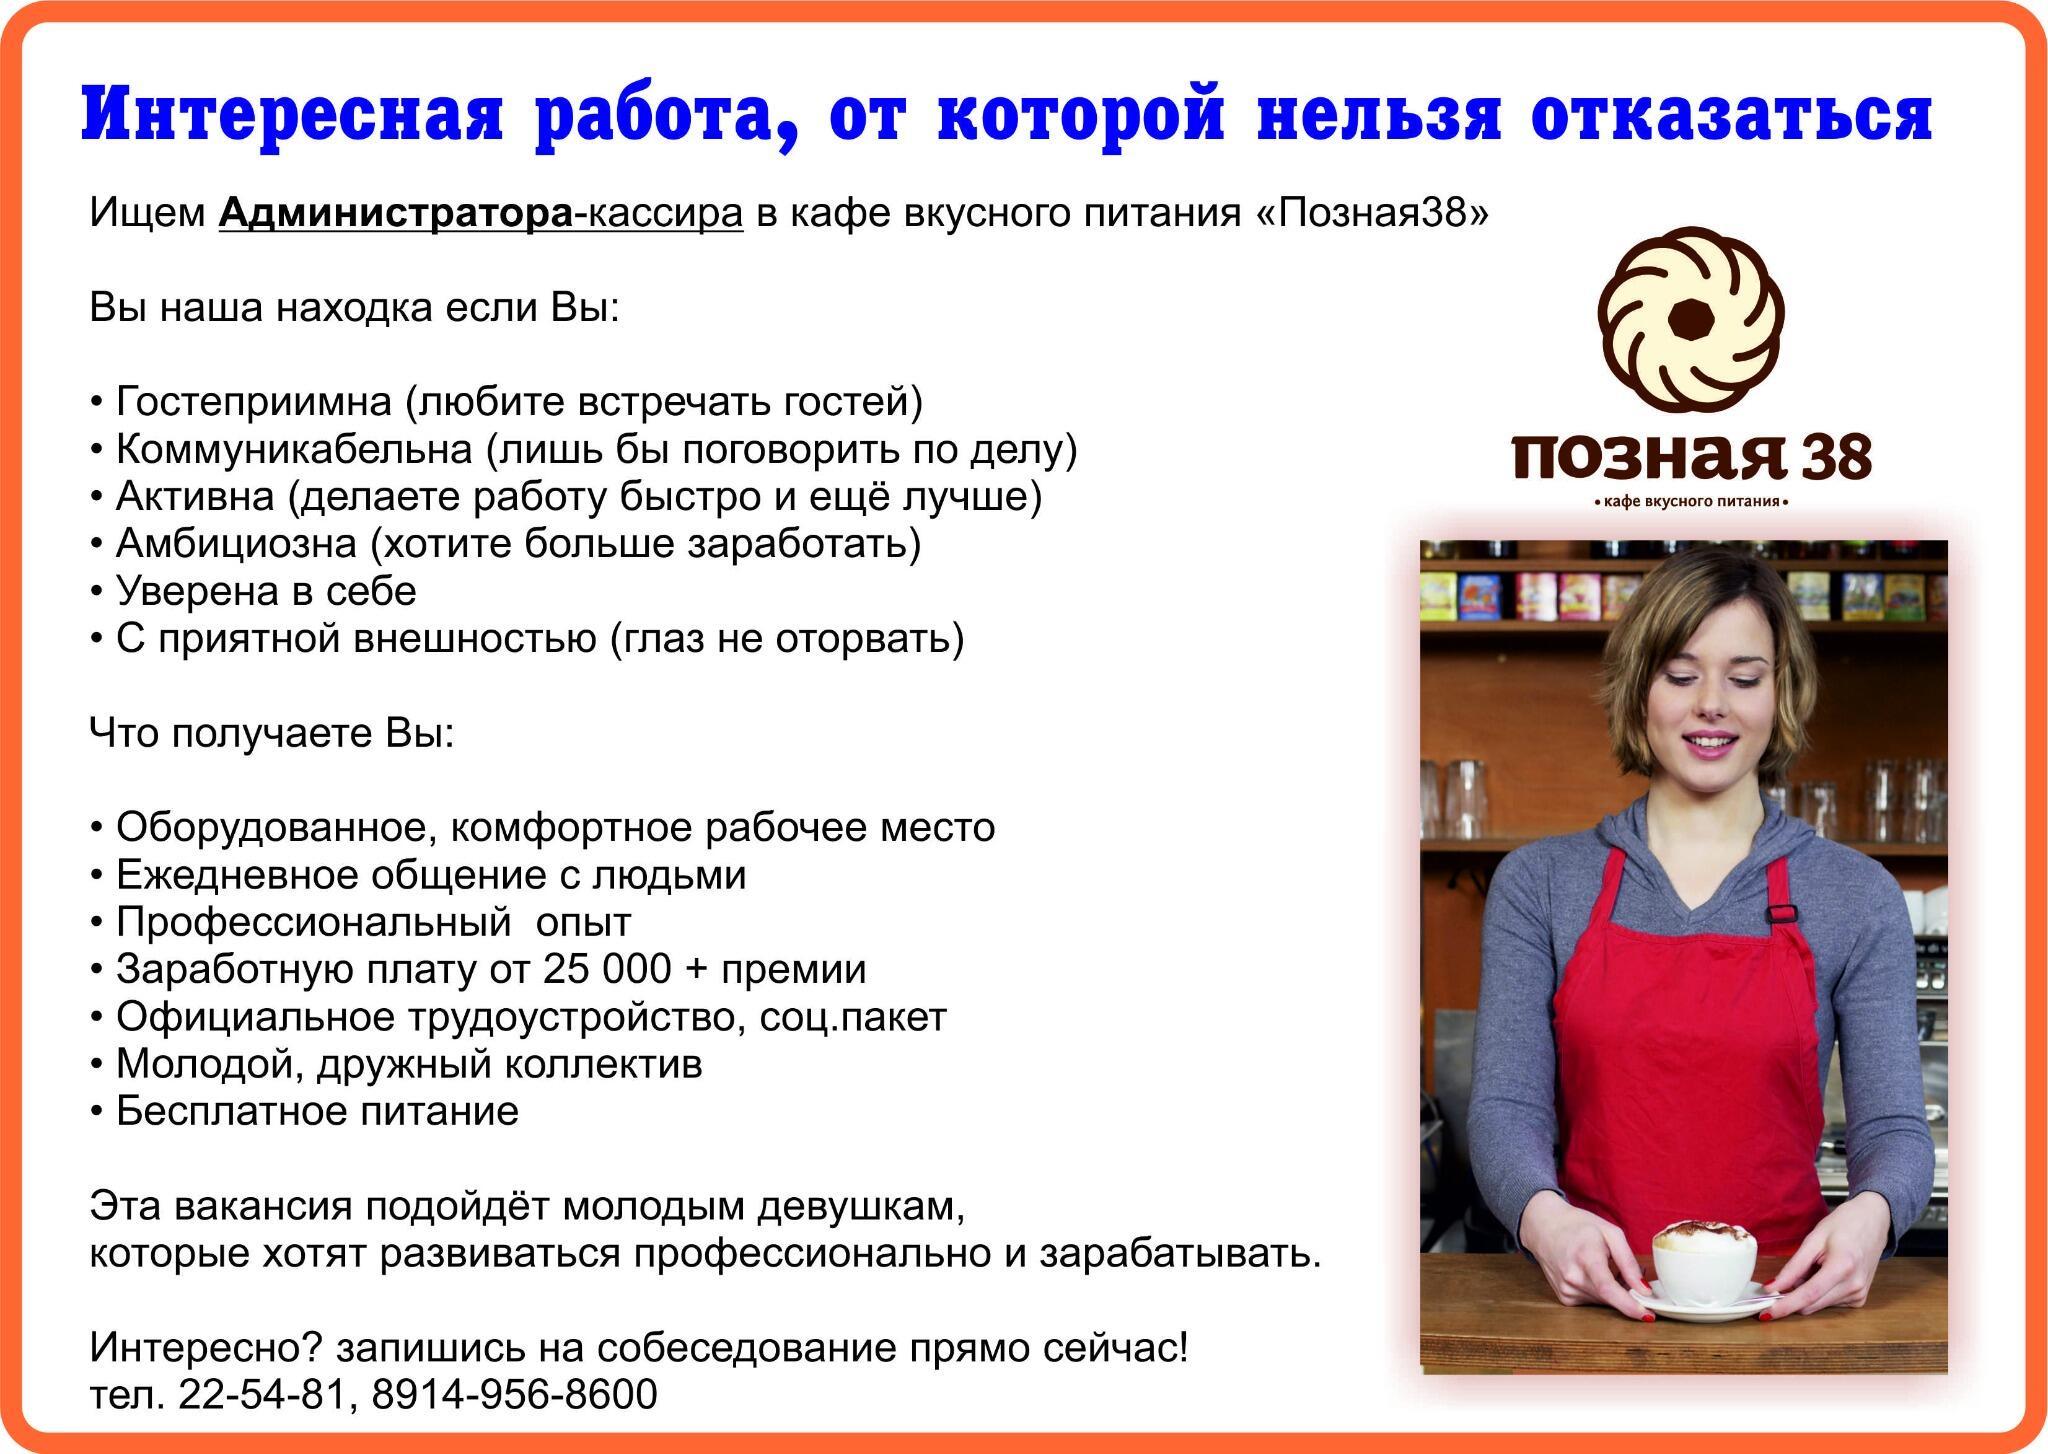 Работа в иркутске удаленное биржи для фрилансеров